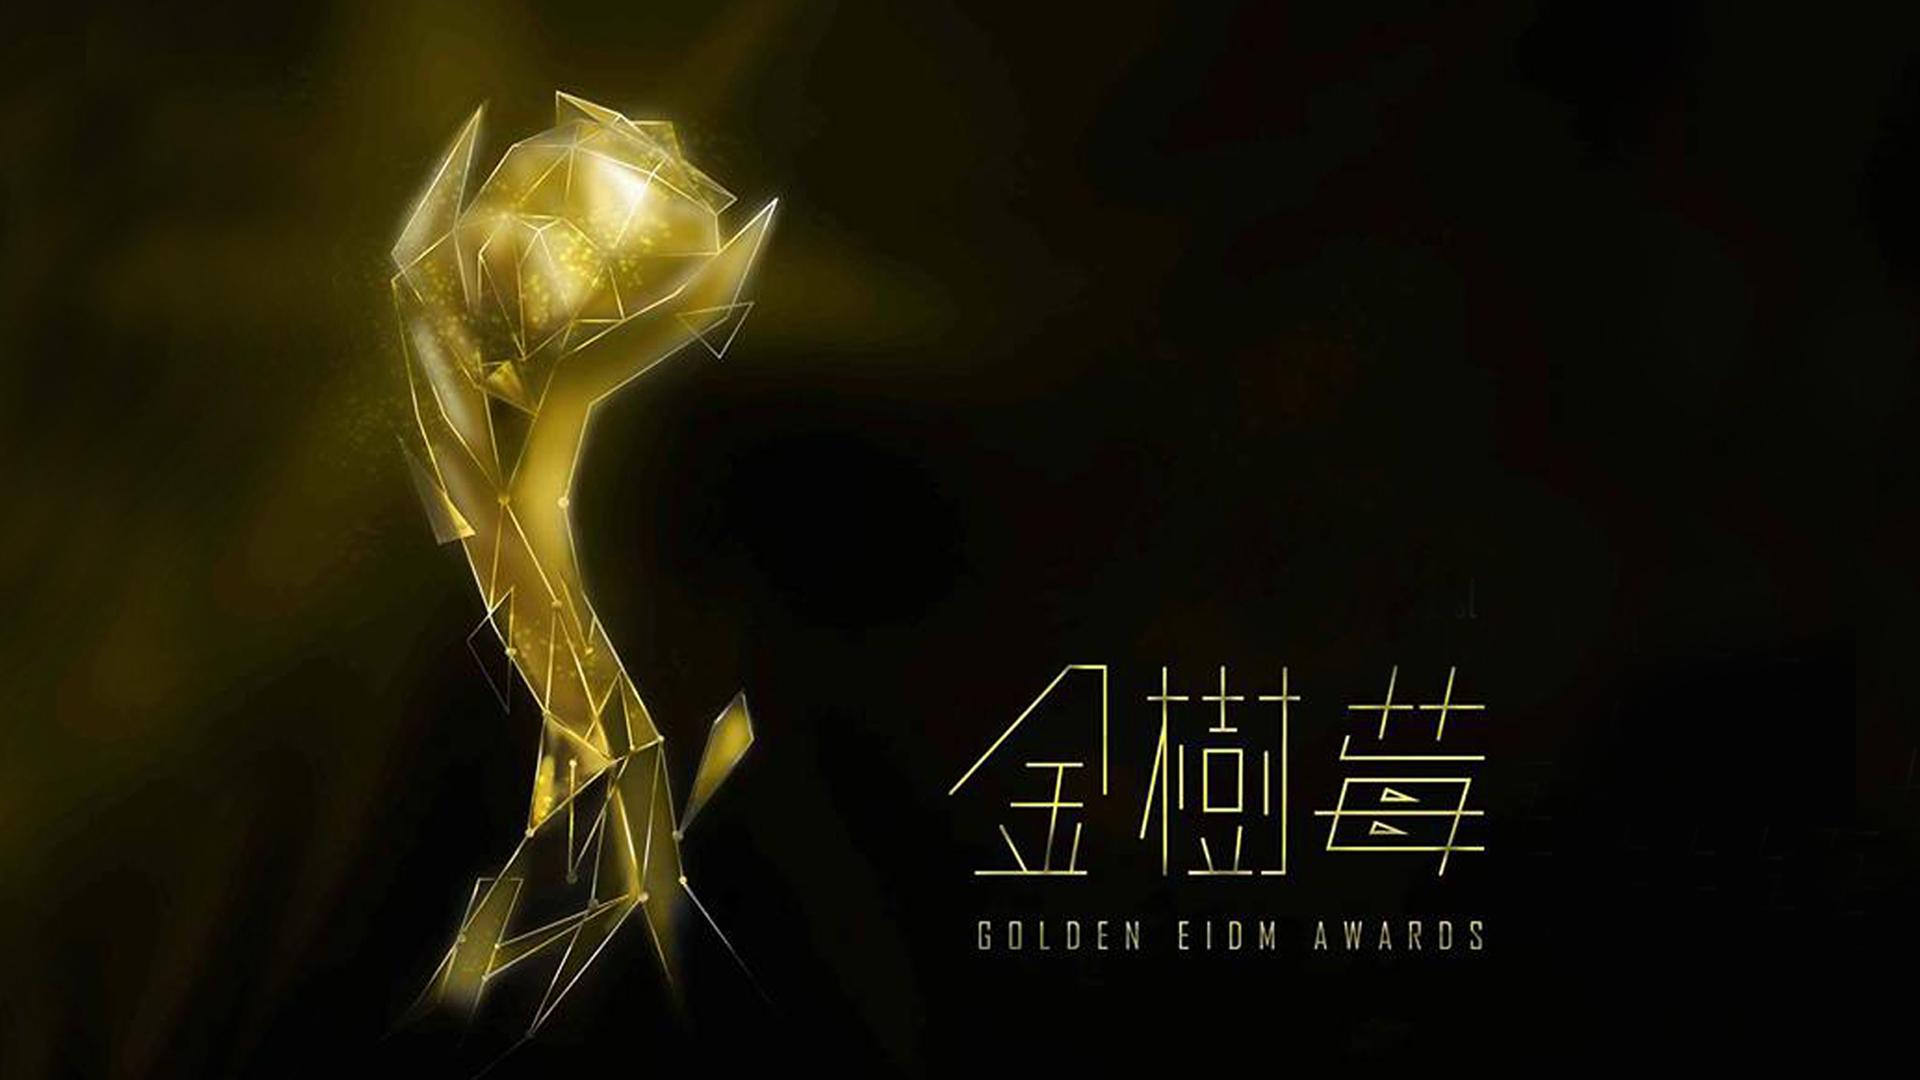 台東大學數位媒體與文教產業學系第一屆金樹莓獎頒獎典禮